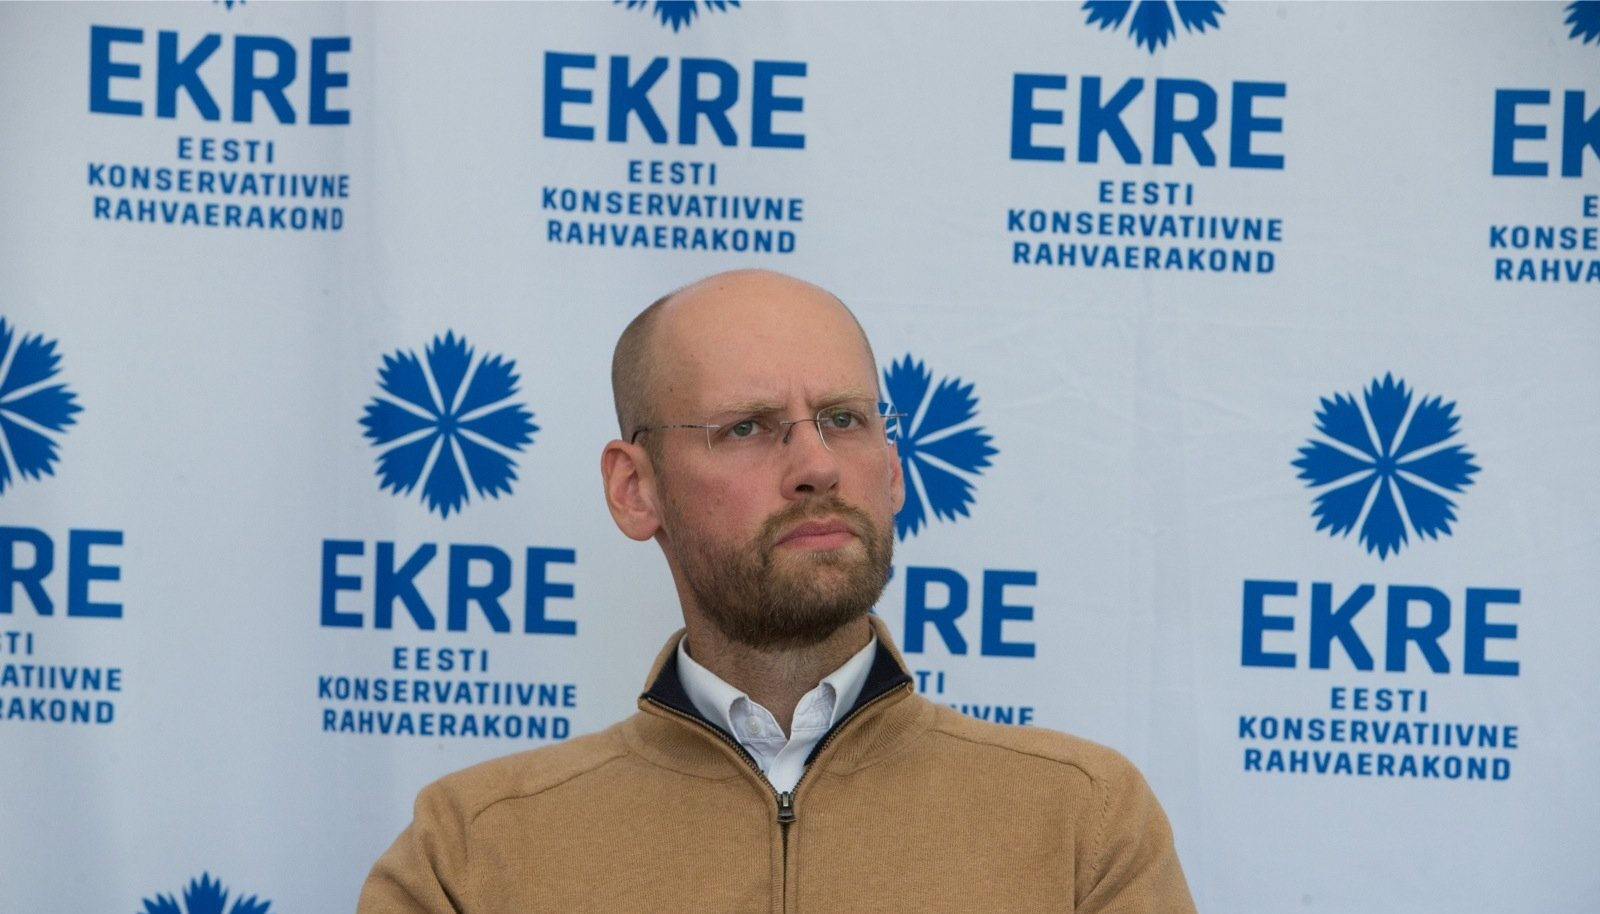 SAPTK juhatuse esimees ja Objektiivi tegevtoimetaja Varro Vooglaid Arvamusfestivalil EKRE alal.